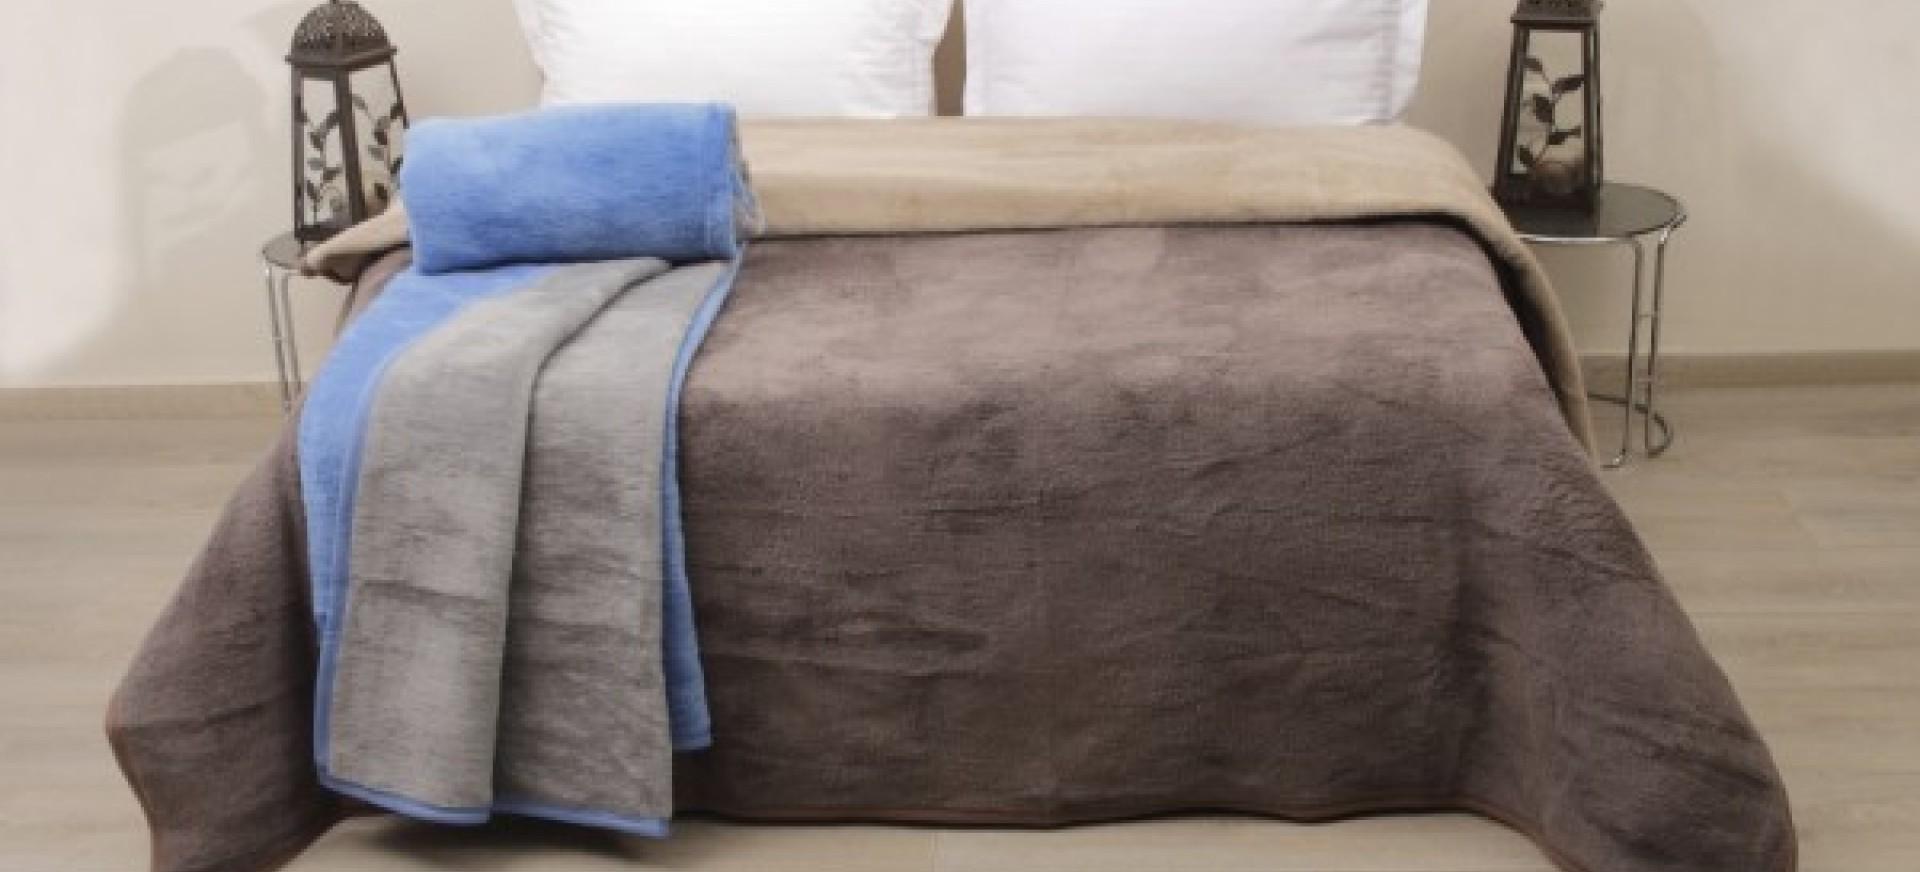 Κουβέρτες Ακρυλικές Υπέρδιπλες